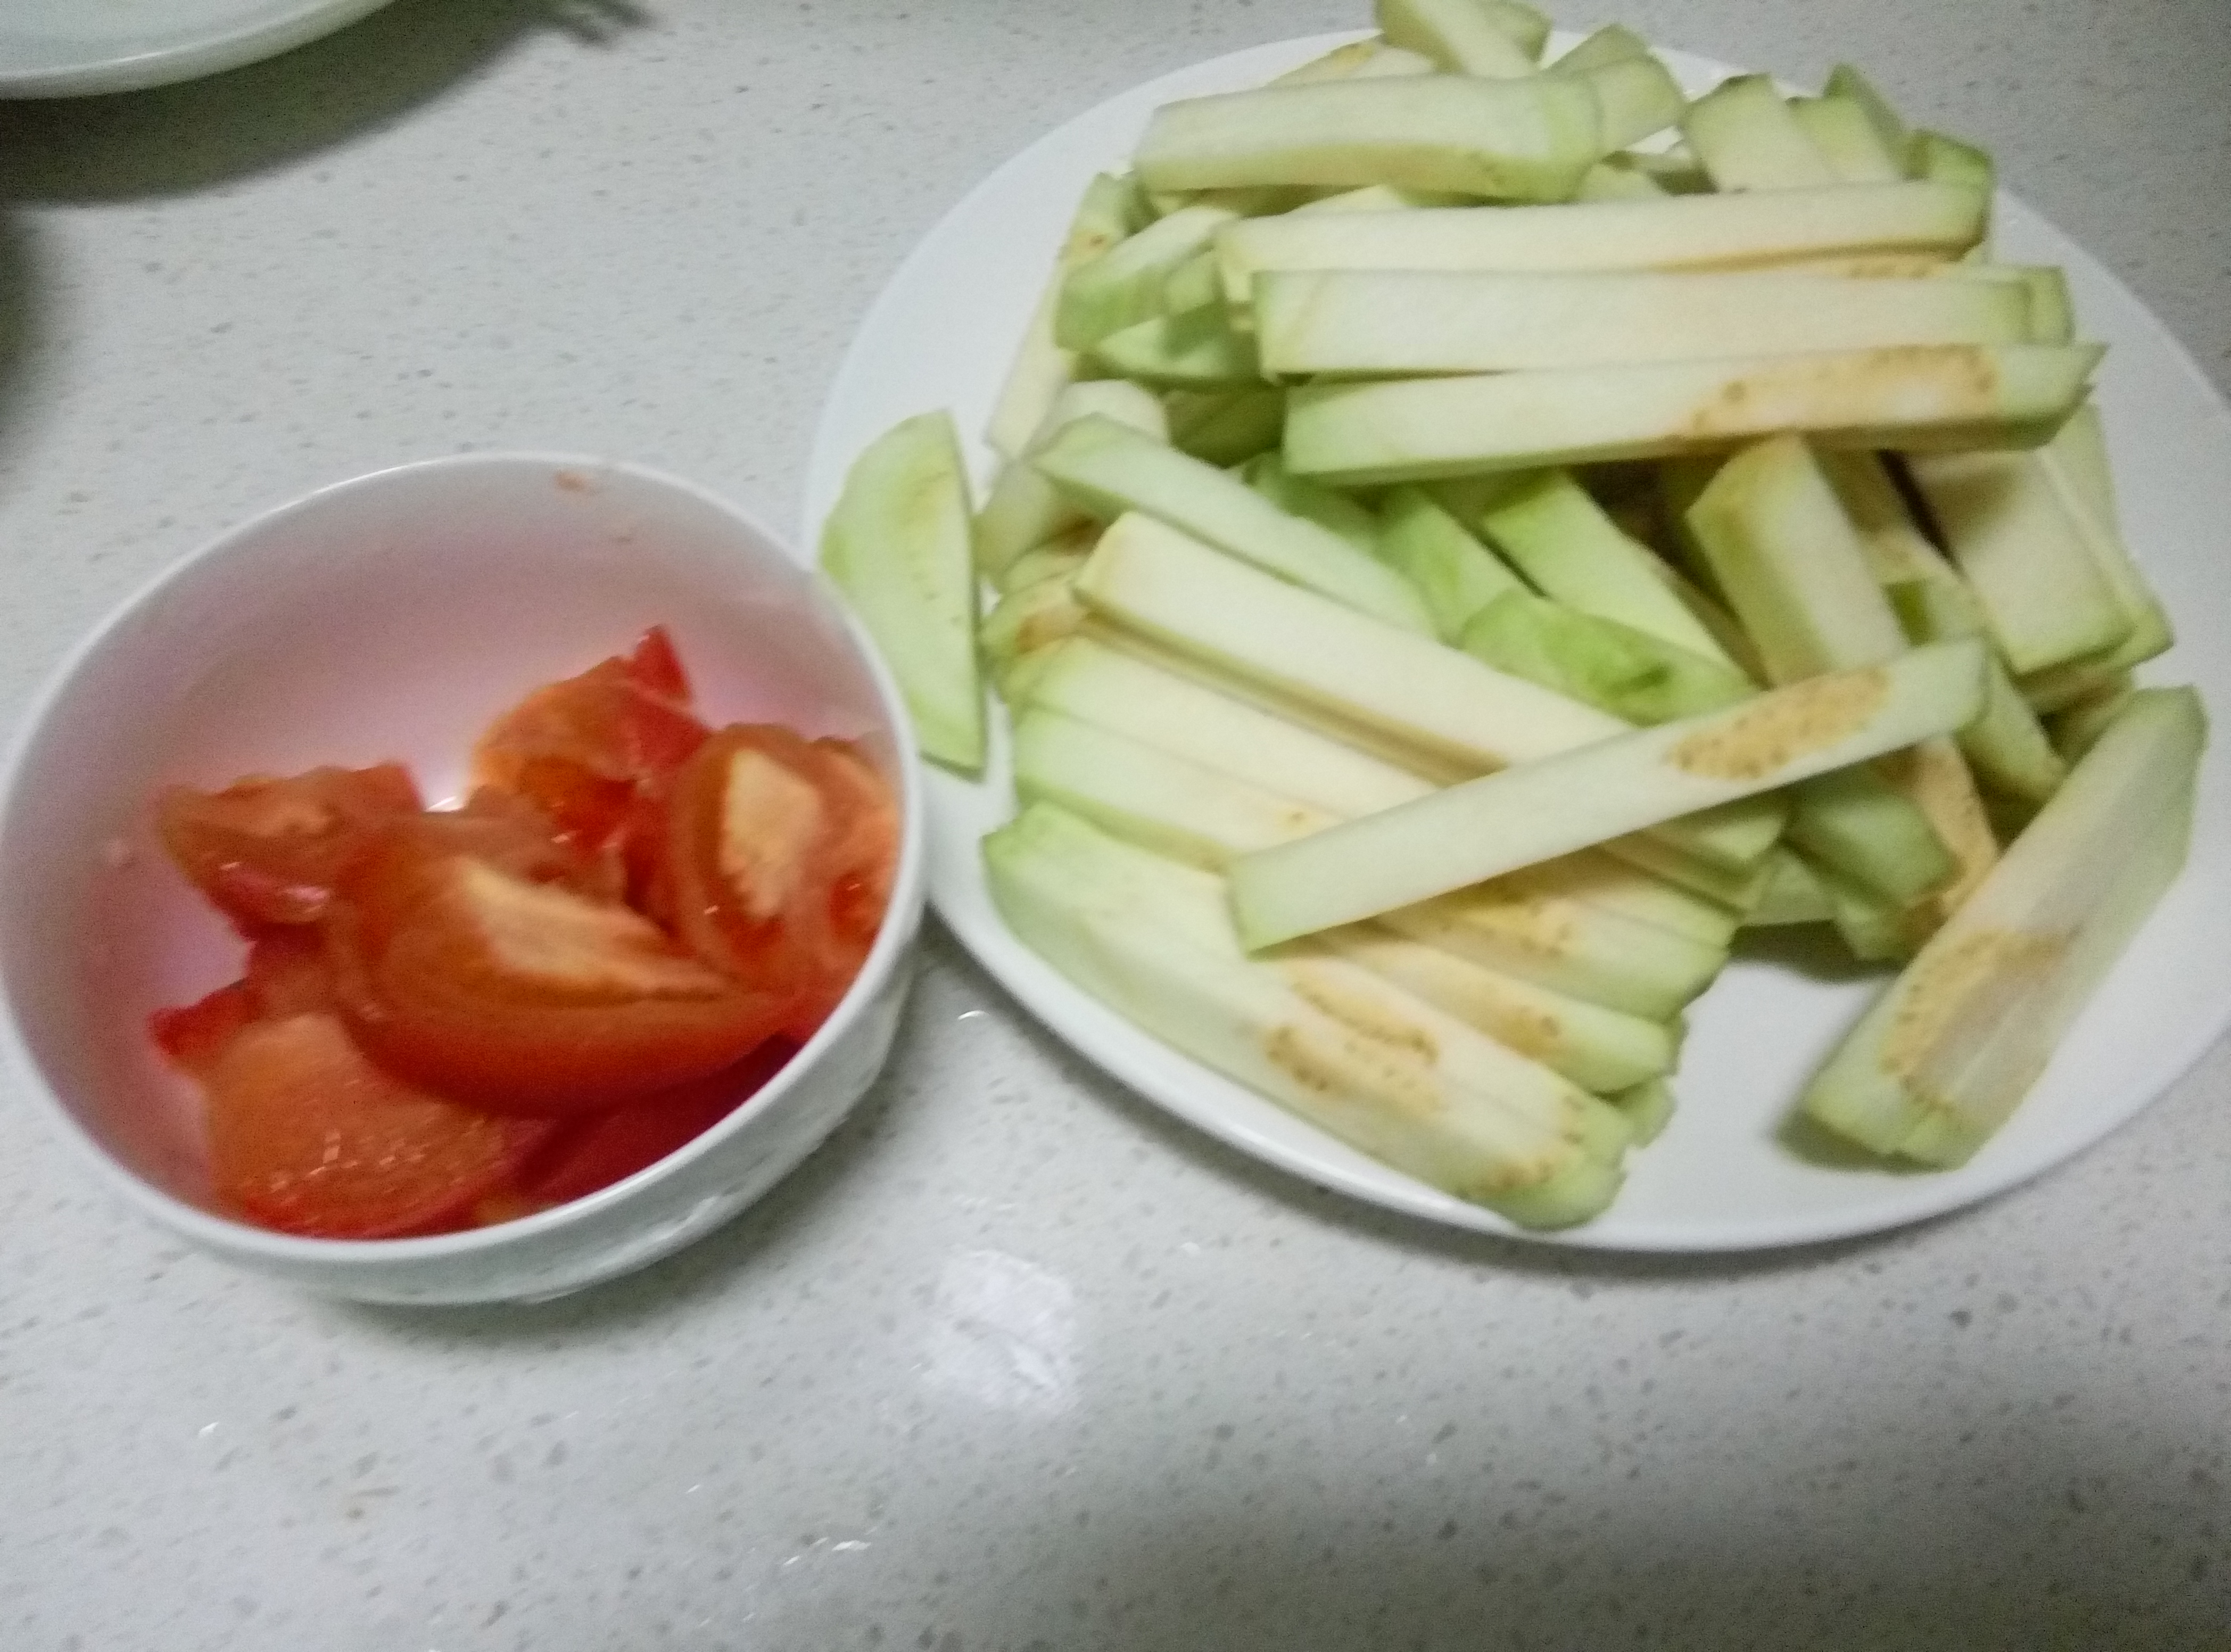 肉丝番茄烧茄子的做法步骤